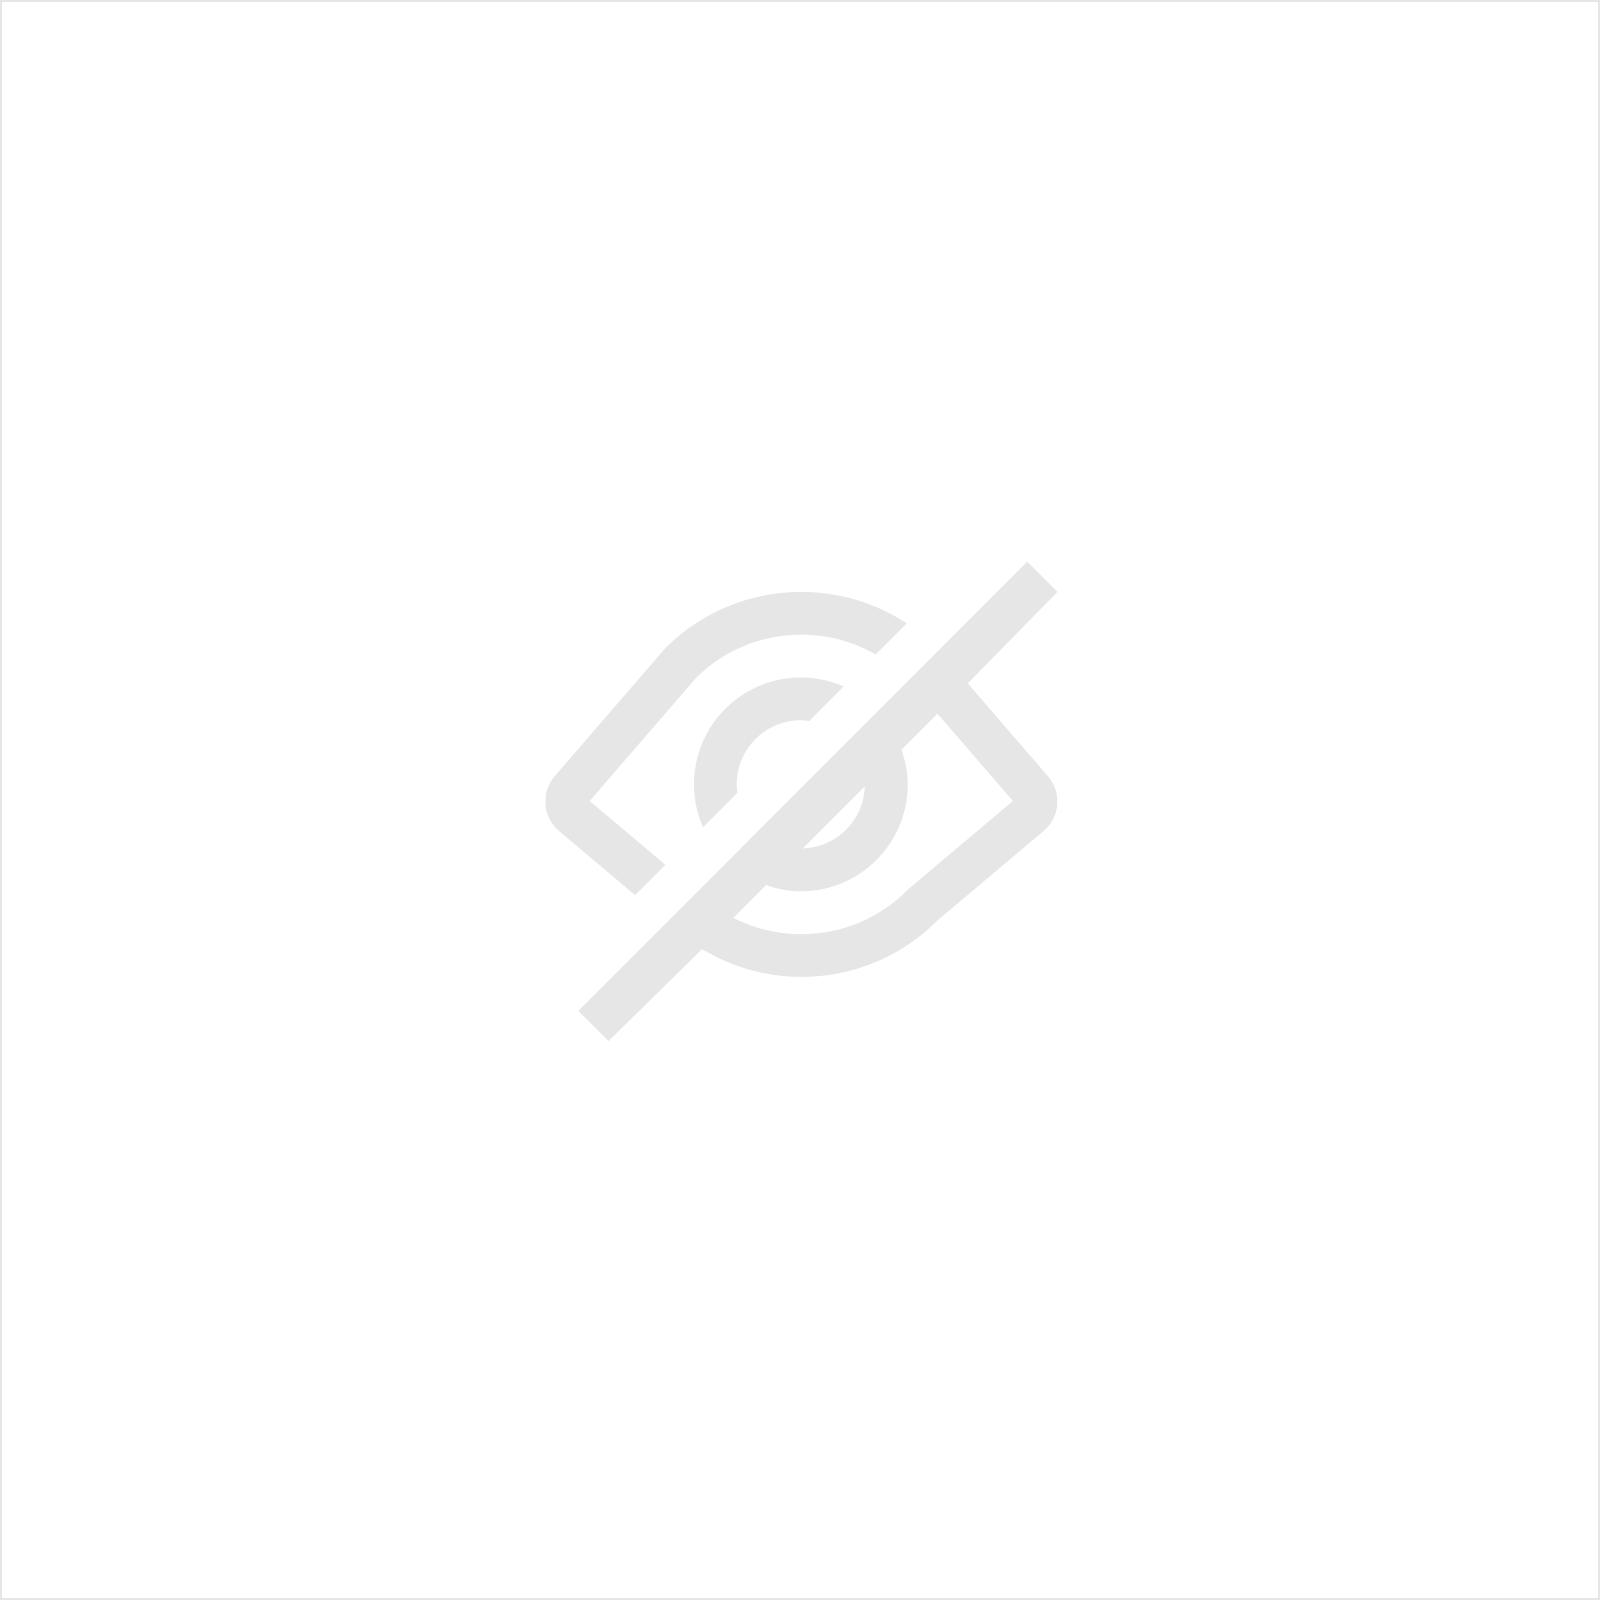 SALOPETTE  JETABLE (PEINTURE) EXTRA LARGE